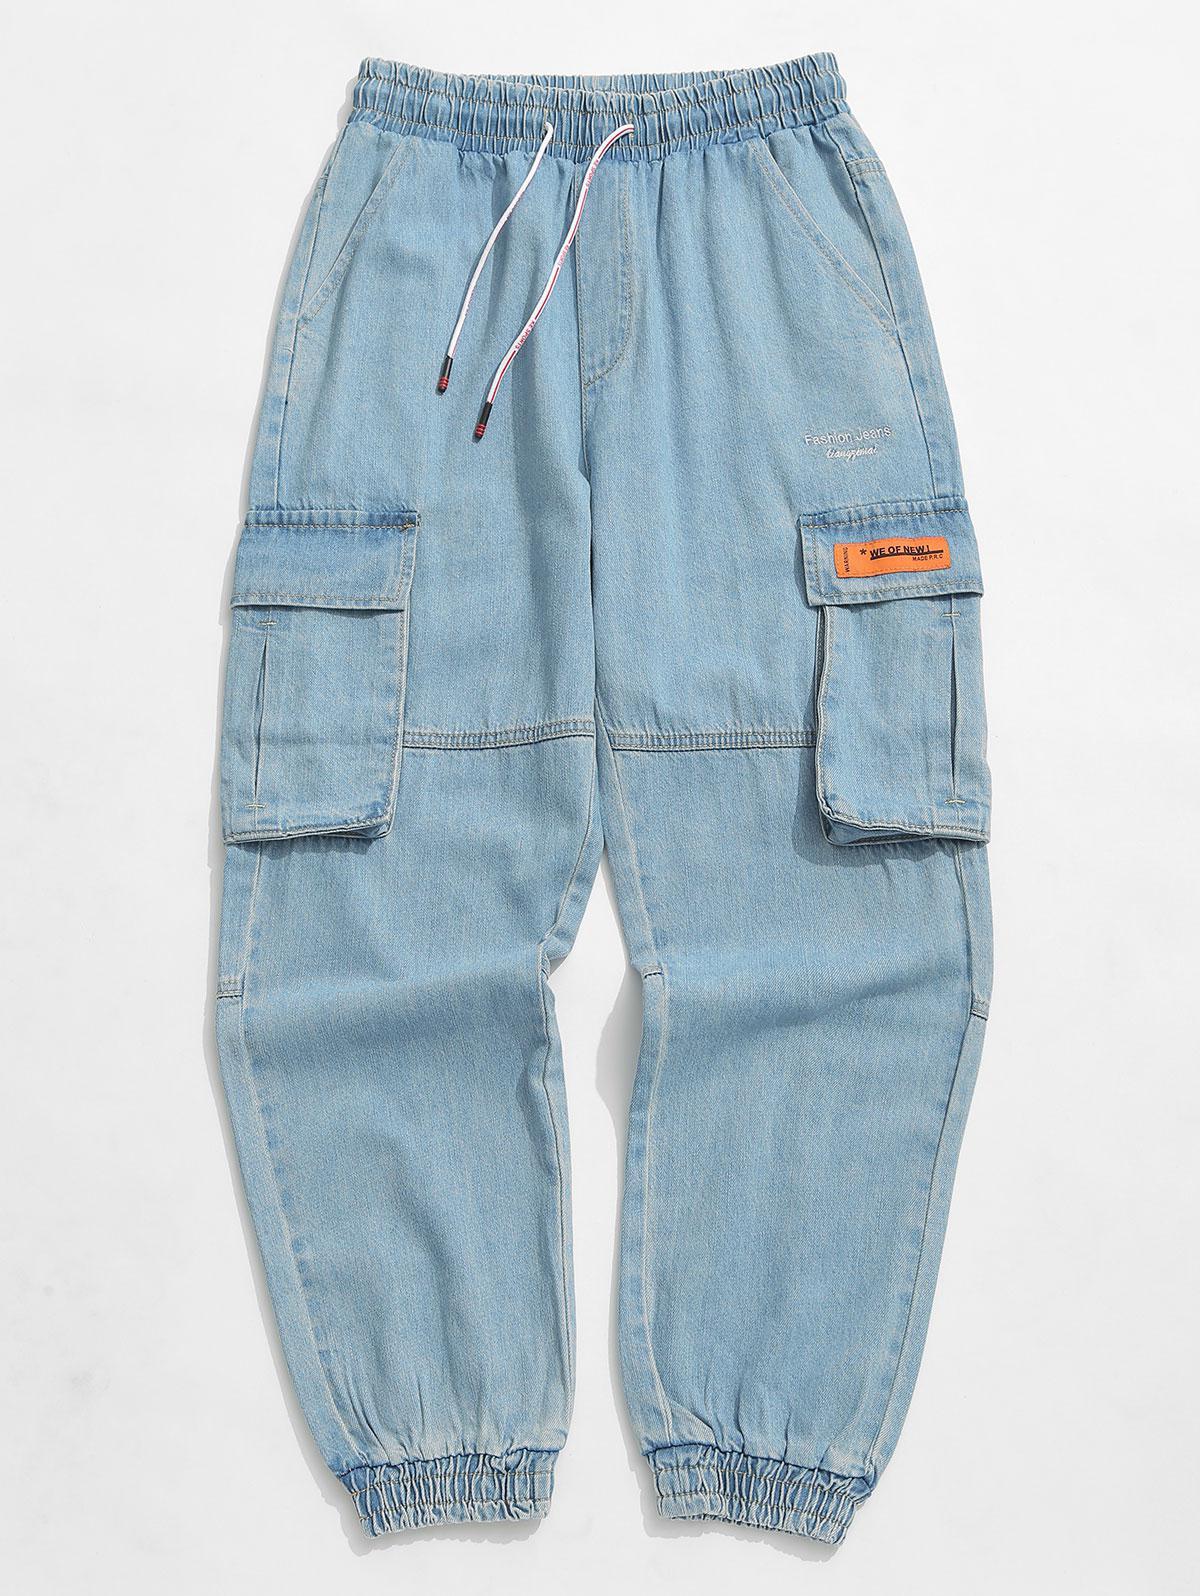 Applique Solid Color Jogger Denim Pants, Cornflower blue